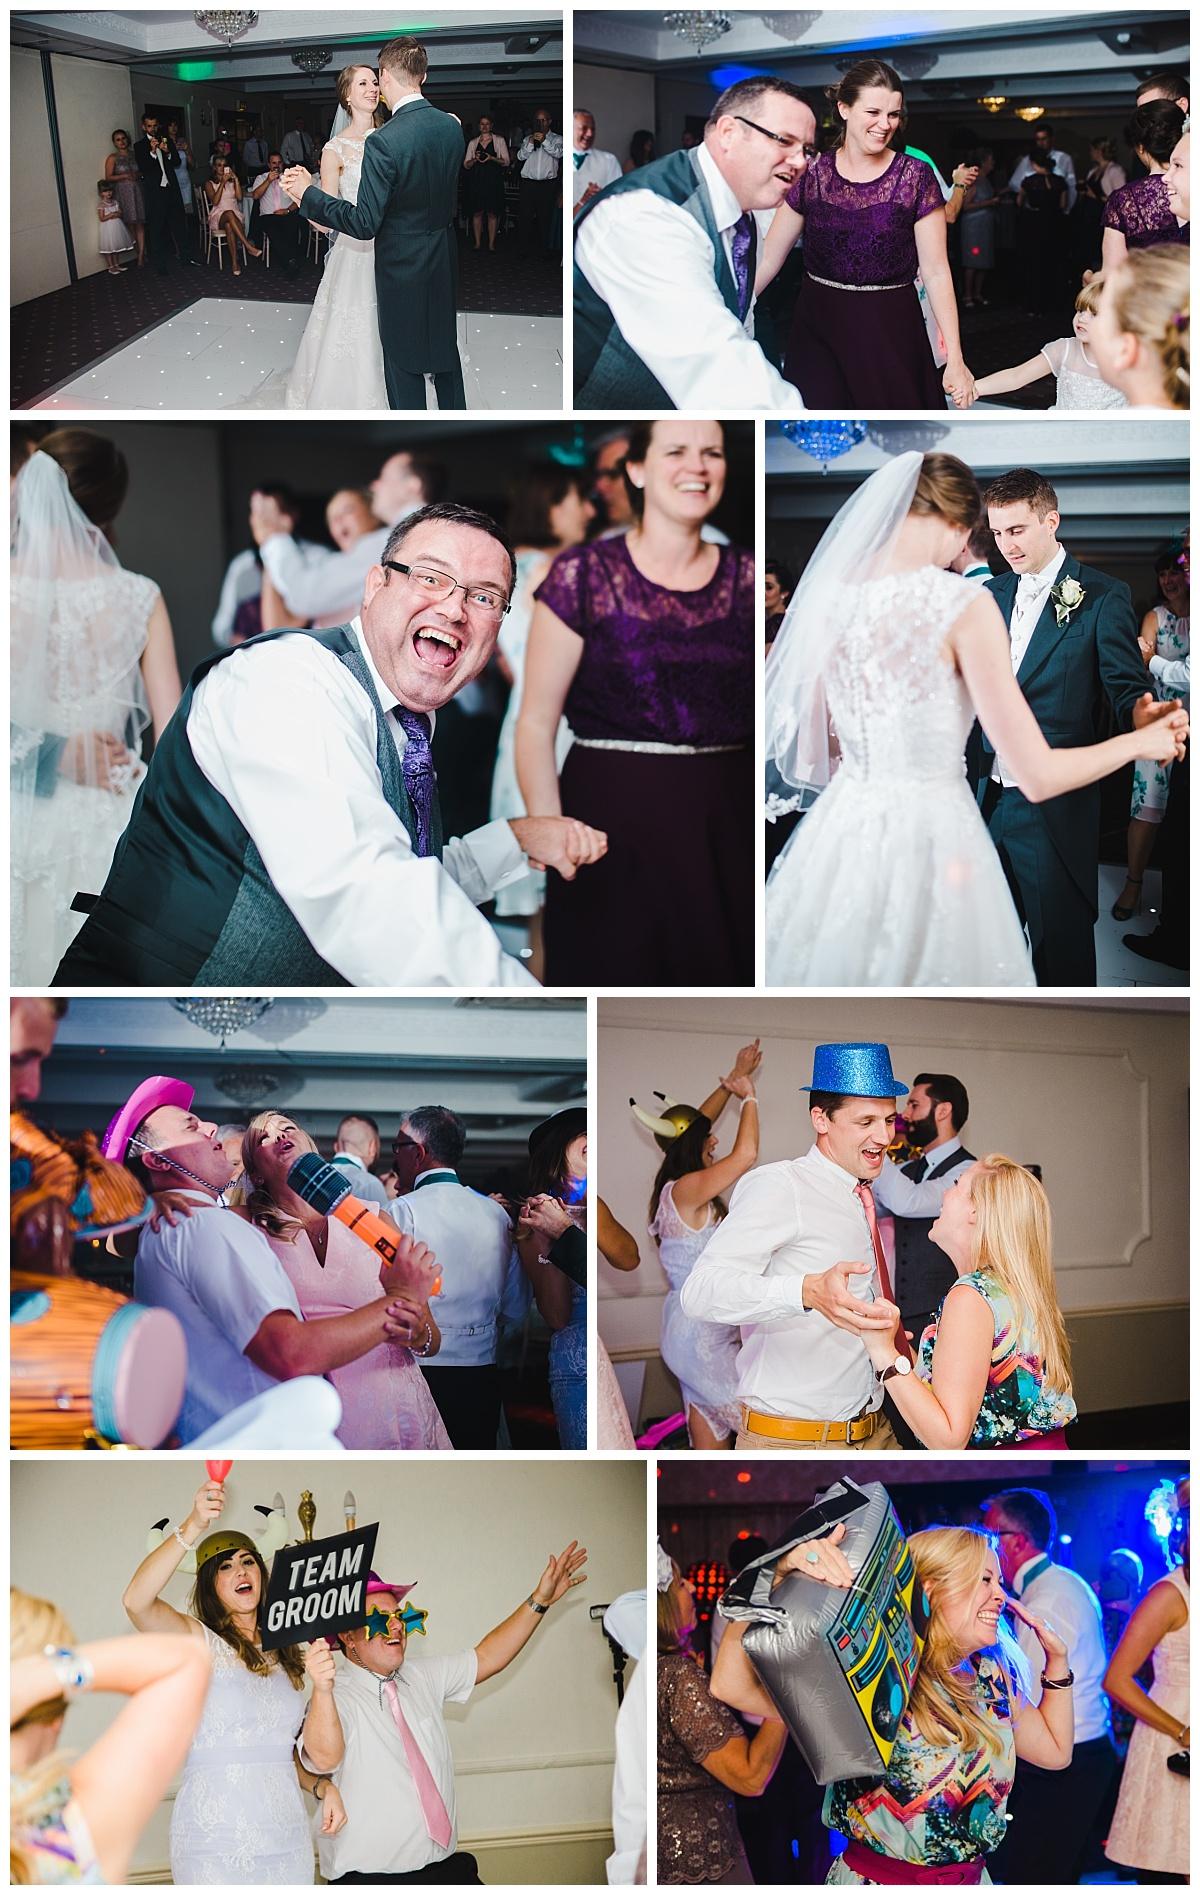 dance floor pictures at Willington Hall wedding